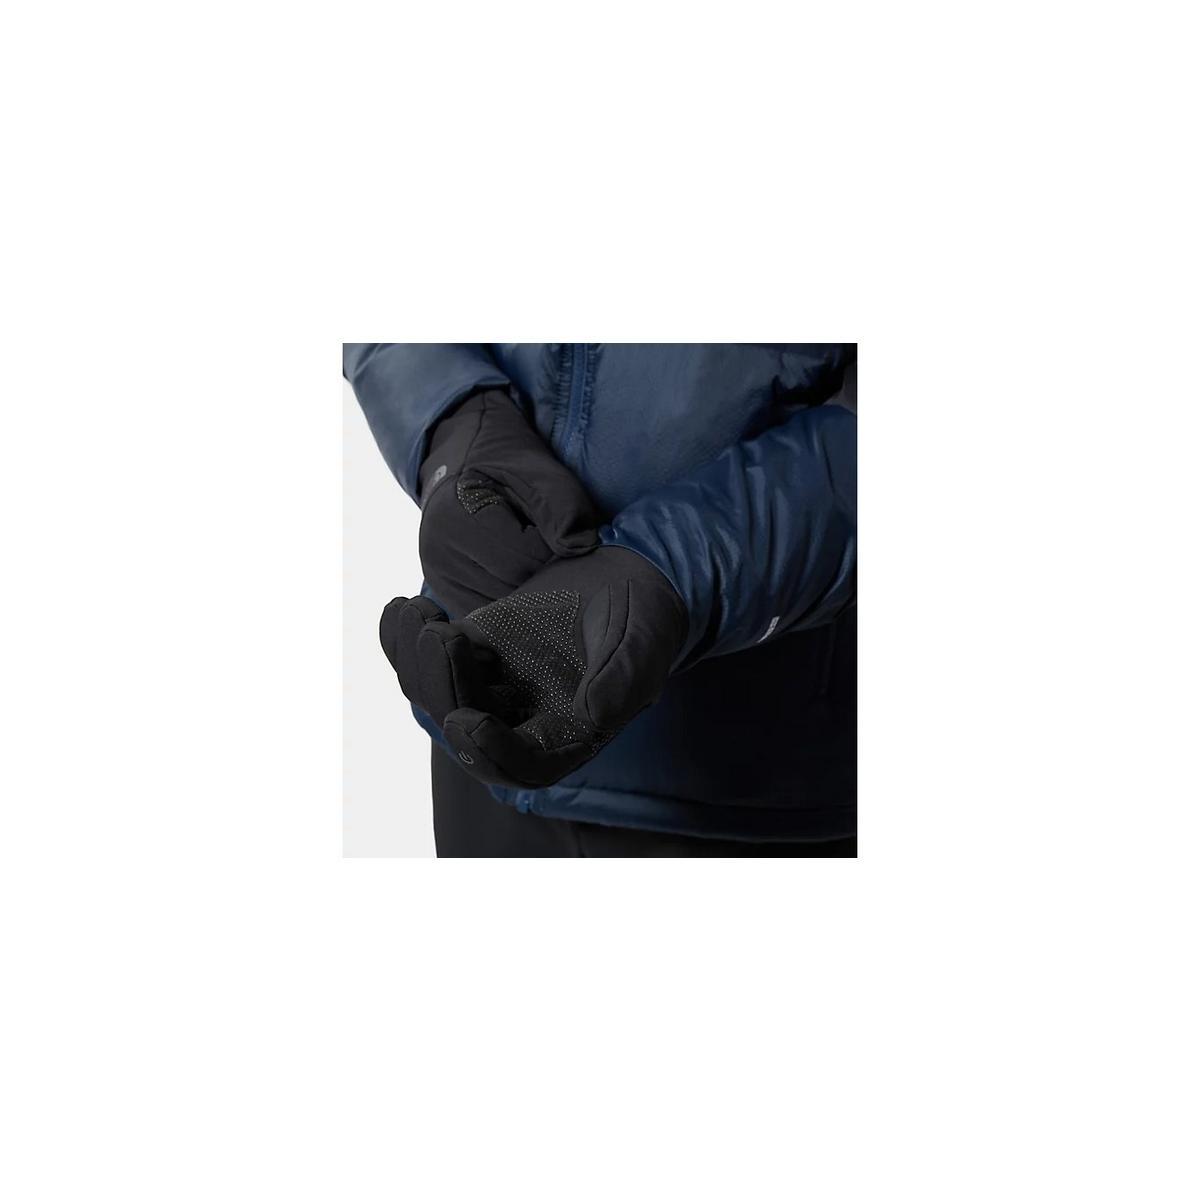 The North Face Men's Apex+ Etip Glove - Black